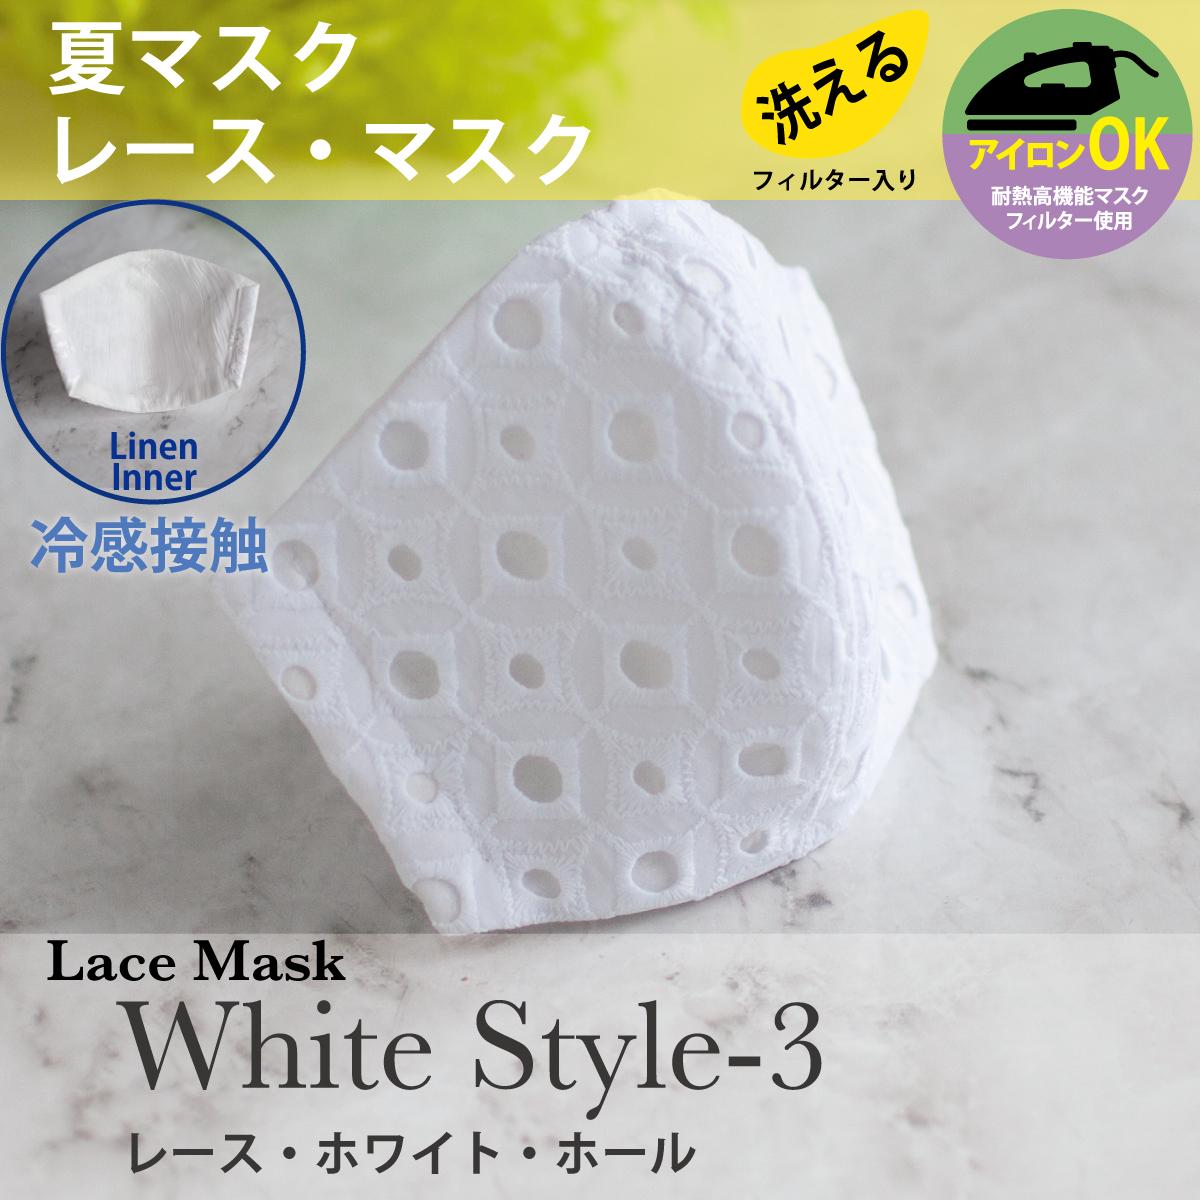 レース・ホワイト・スタイル3・bホール フィルター入り 立体 マスク 大人用 黄砂 花粉 夏マスク ちぢみイ